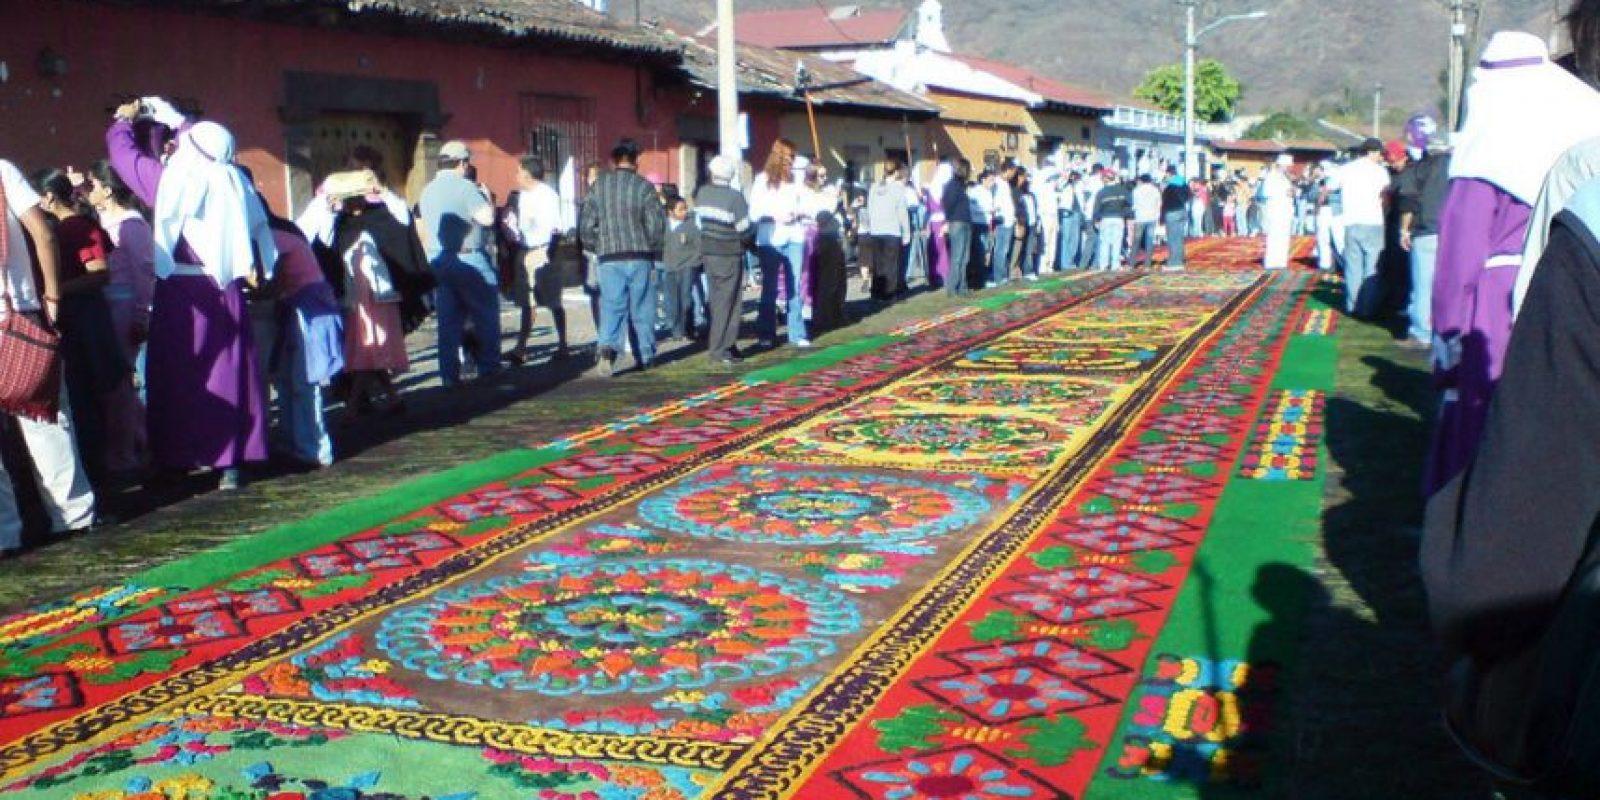 Y también hay ciertas tradiciones como la creación de alfombras de aserrín que deberían ser terminadas. Foto:http://www.buzzfeed.com